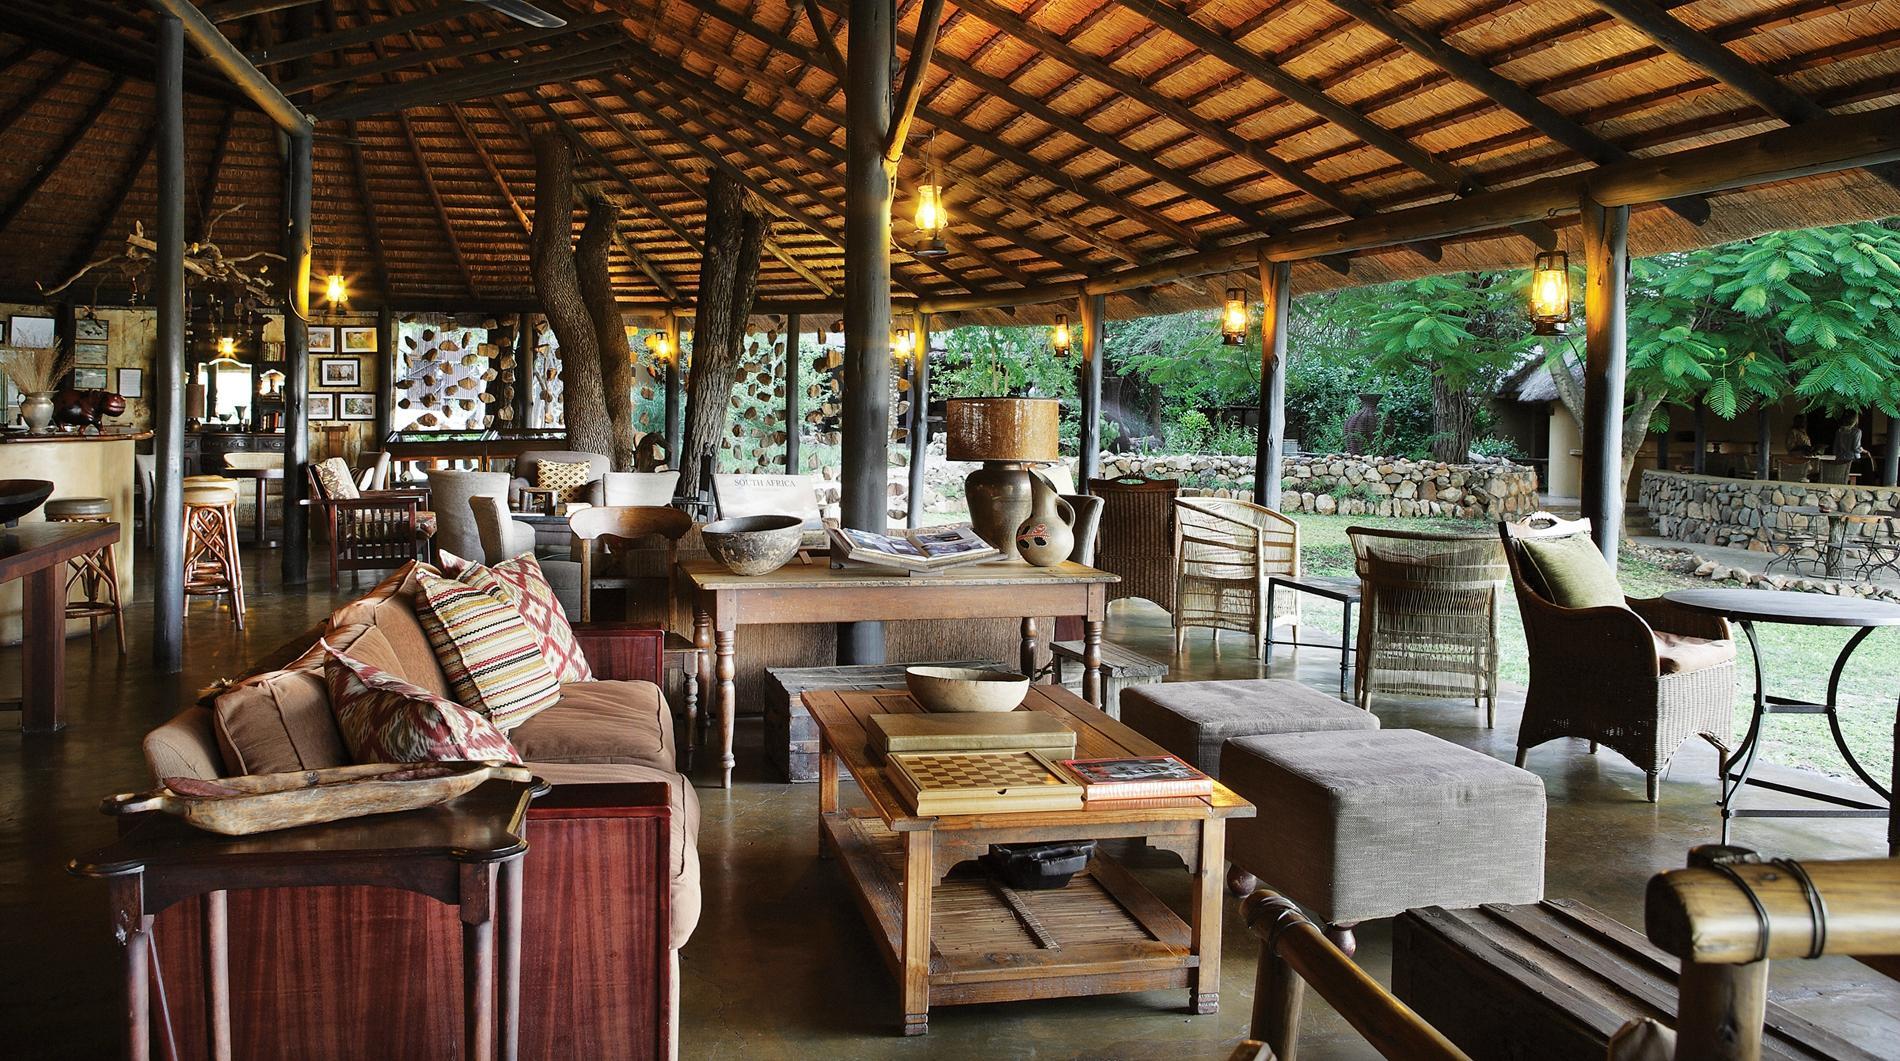 莫茨瓦利私人禁獵區旅館